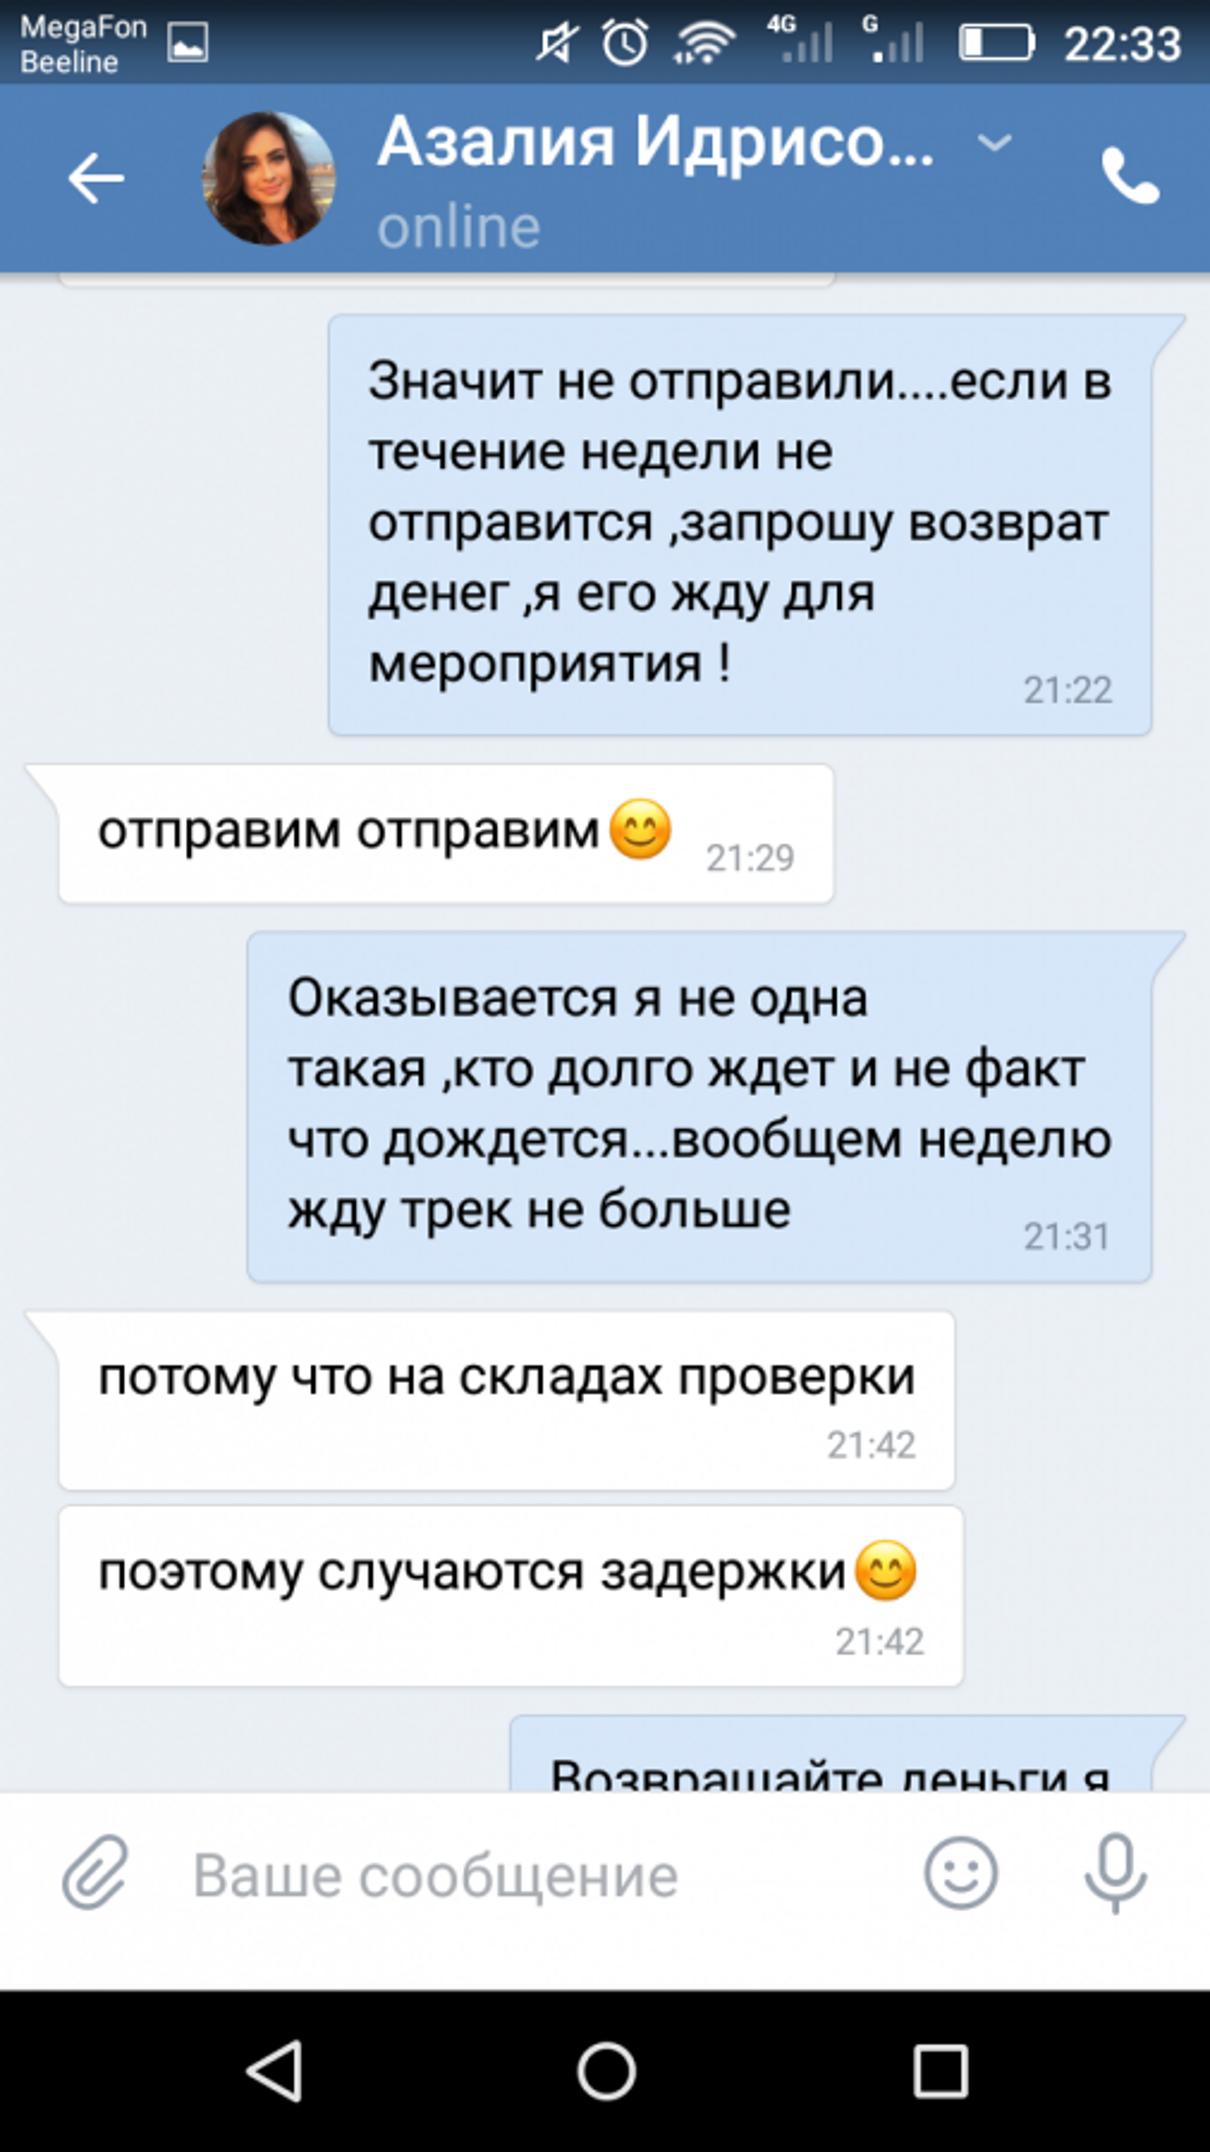 Жалоба-отзыв: Ильдар Идрисов - Интернет магазин мошенник.  Фото №2